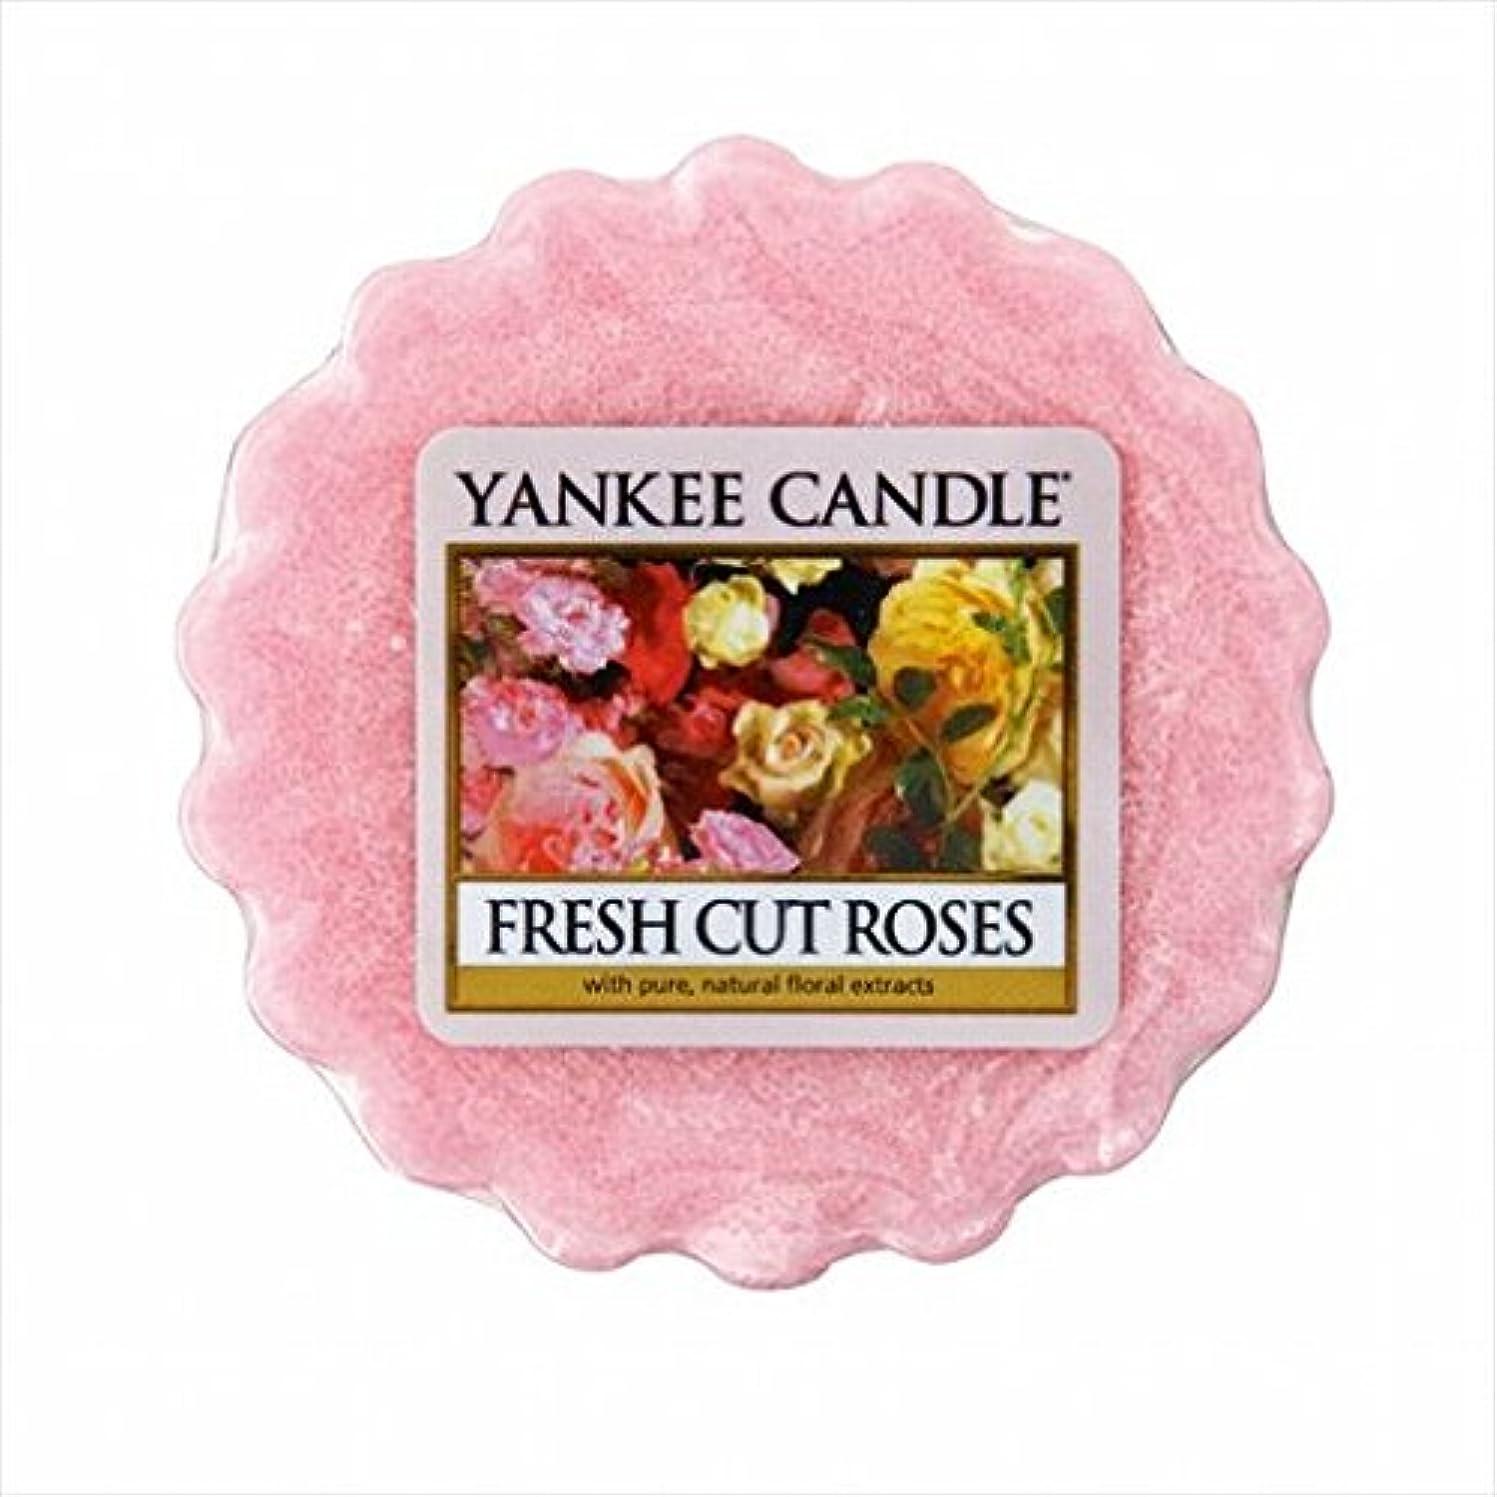 カメヤマキャンドル( kameyama candle ) YANKEE CANDLE タルト ワックスポプリ 「 フレッシュカットローズ 」